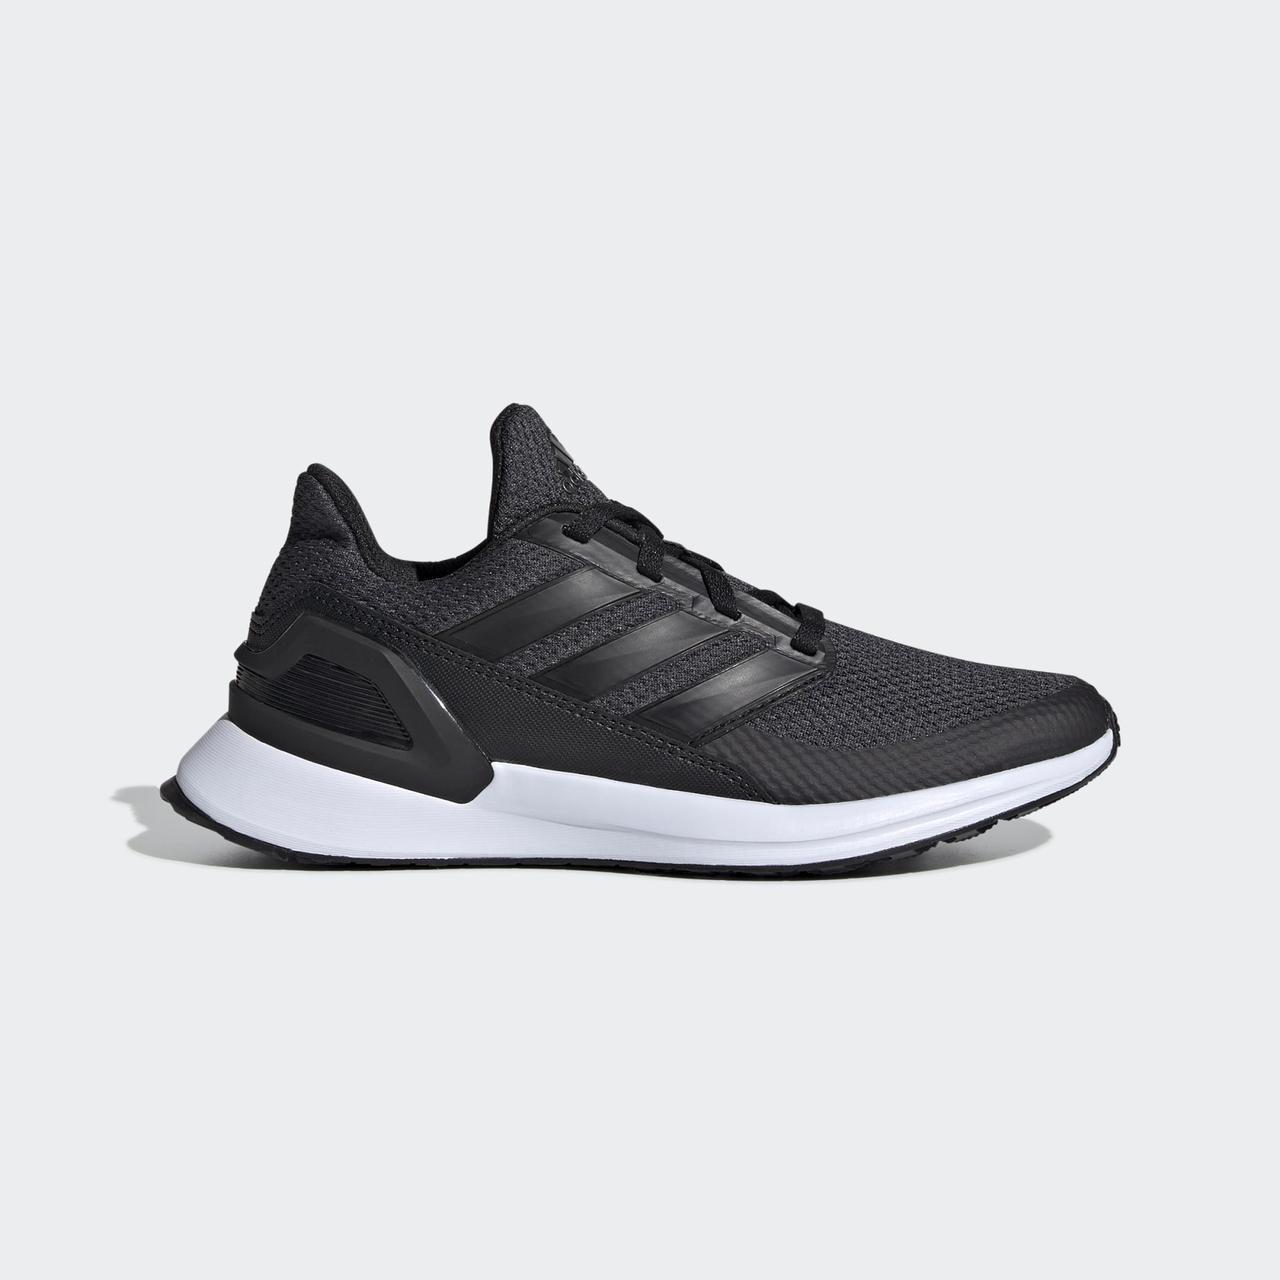 Детские кроссовки Adidas Performance RapidaRun G27325